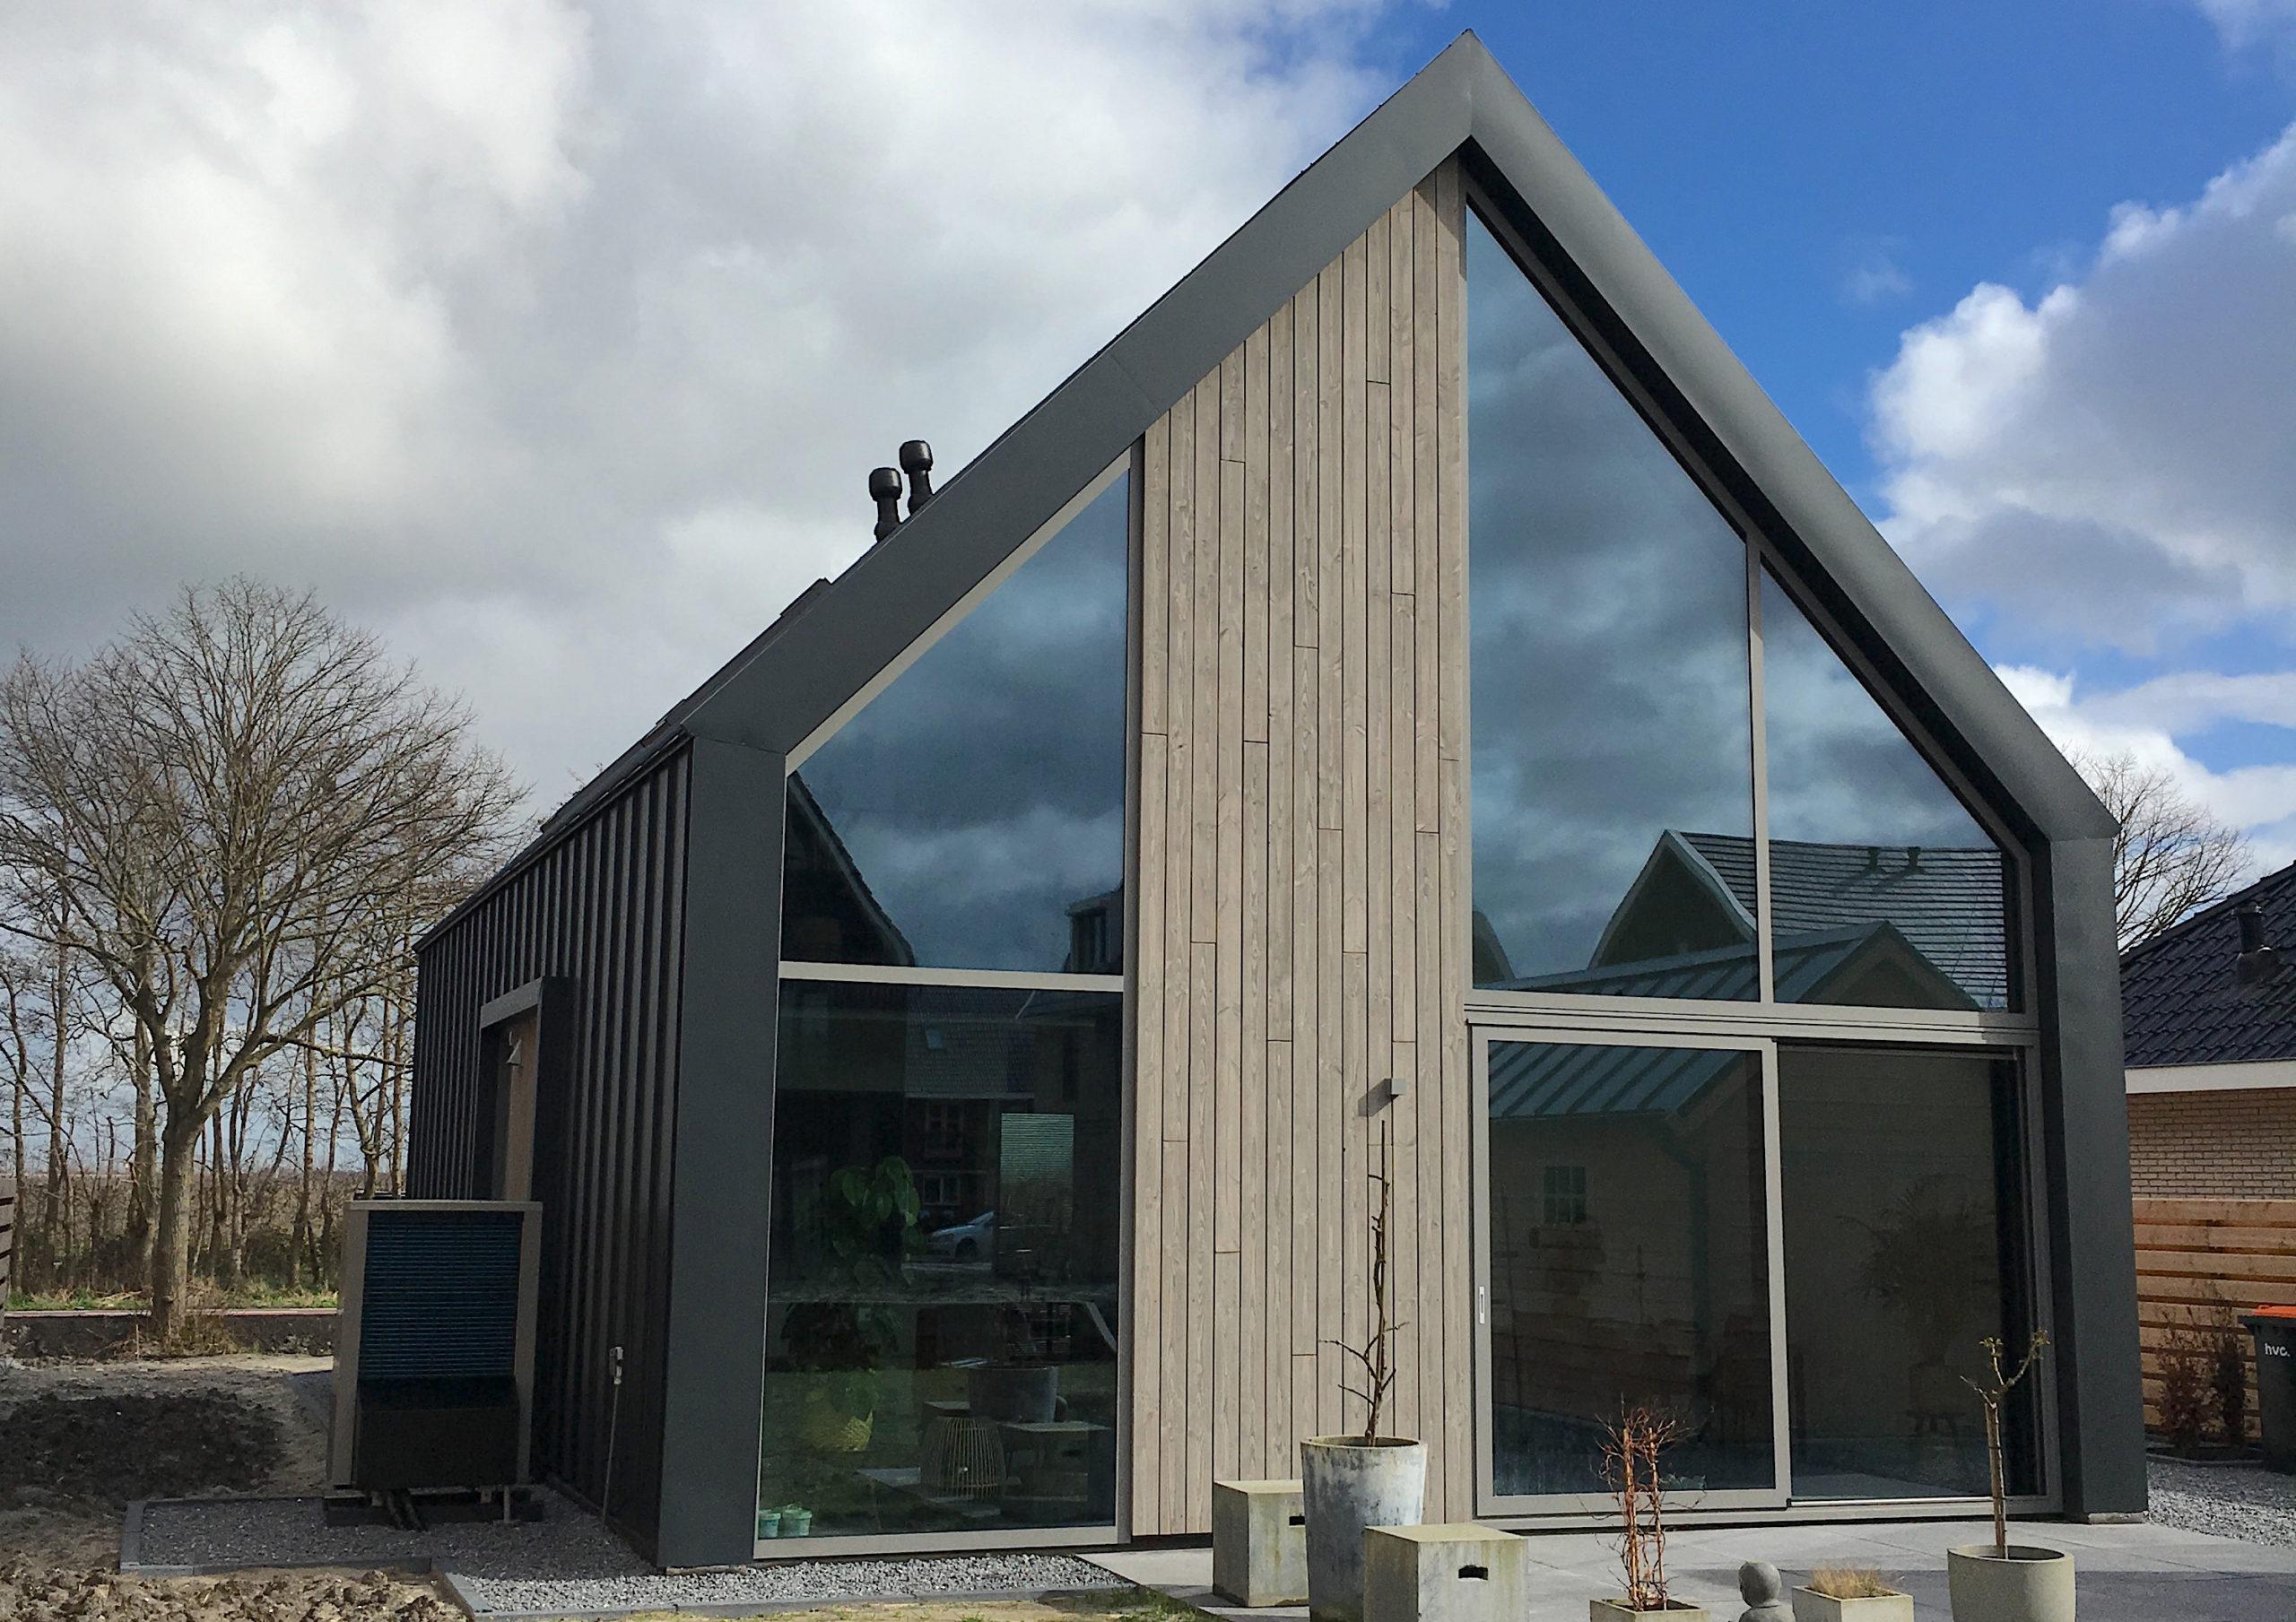 Active House van Edwin van der Werff